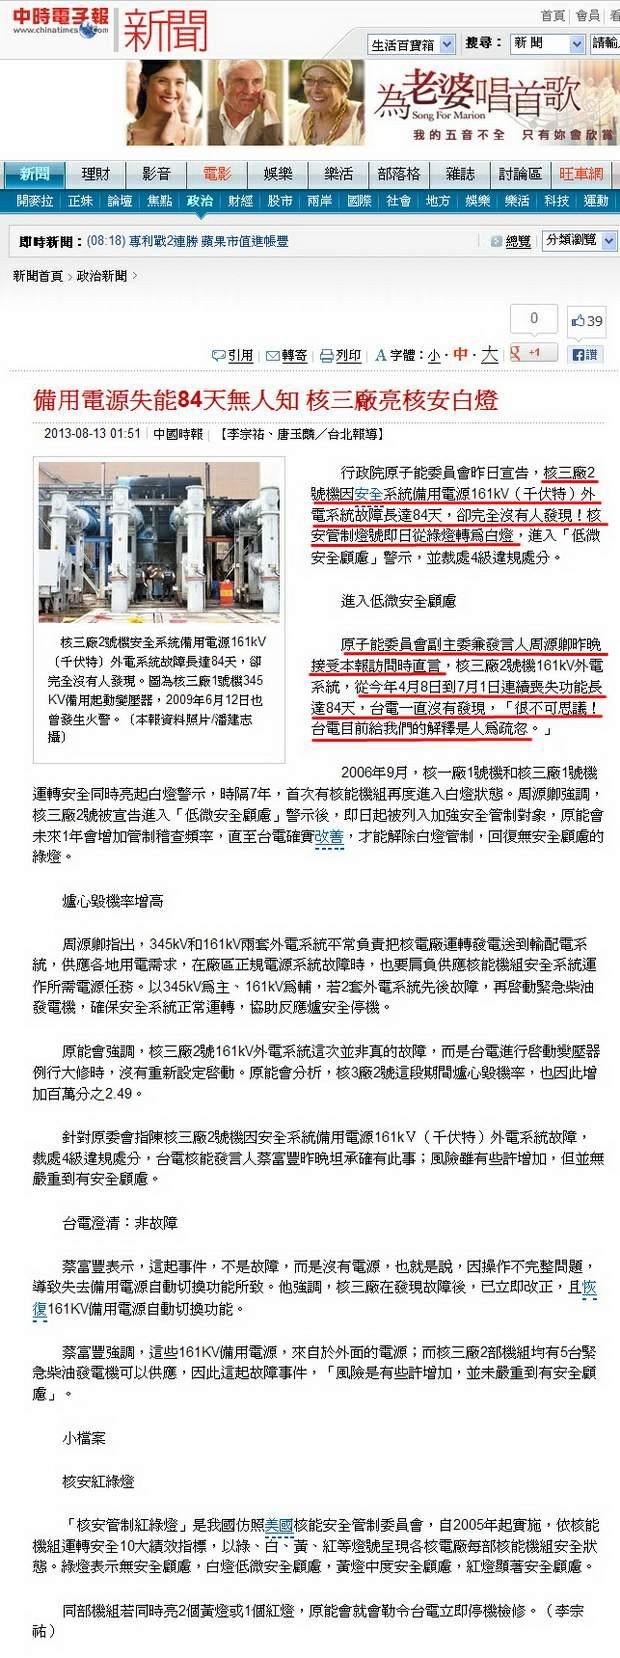 備用電源失能84天無人知 核三廠亮核安白燈-2013.08.13.jpg